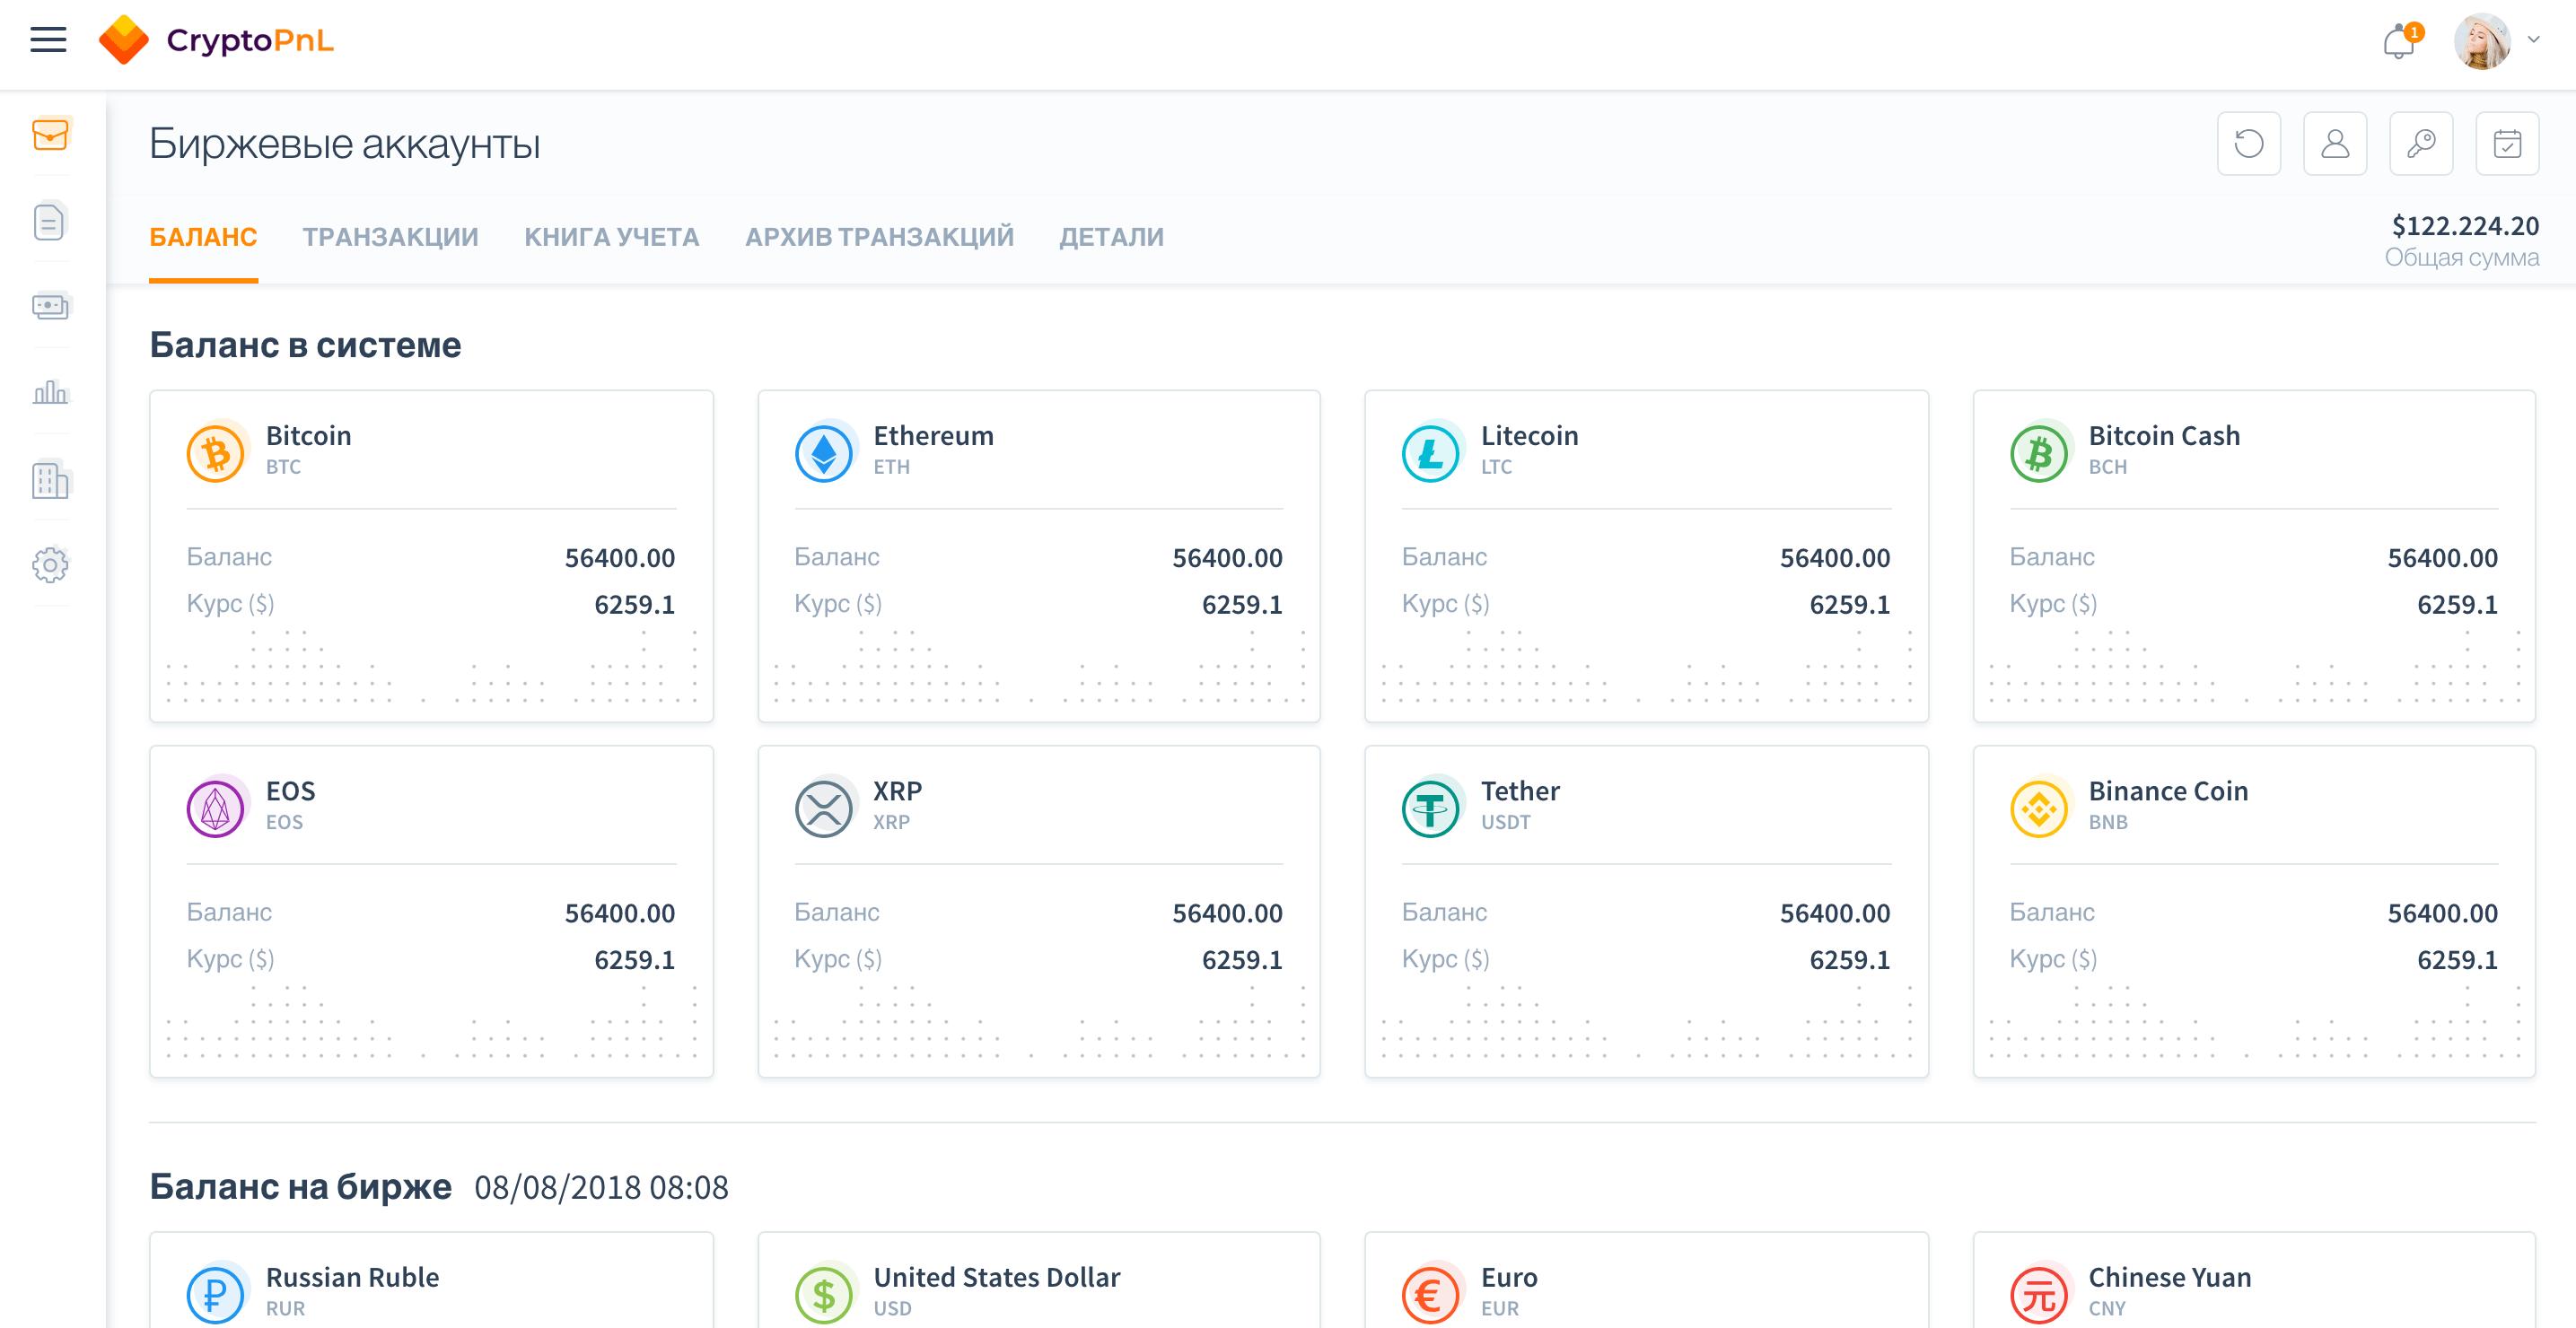 баланс биржевых аккаунтов в CryptoPnL